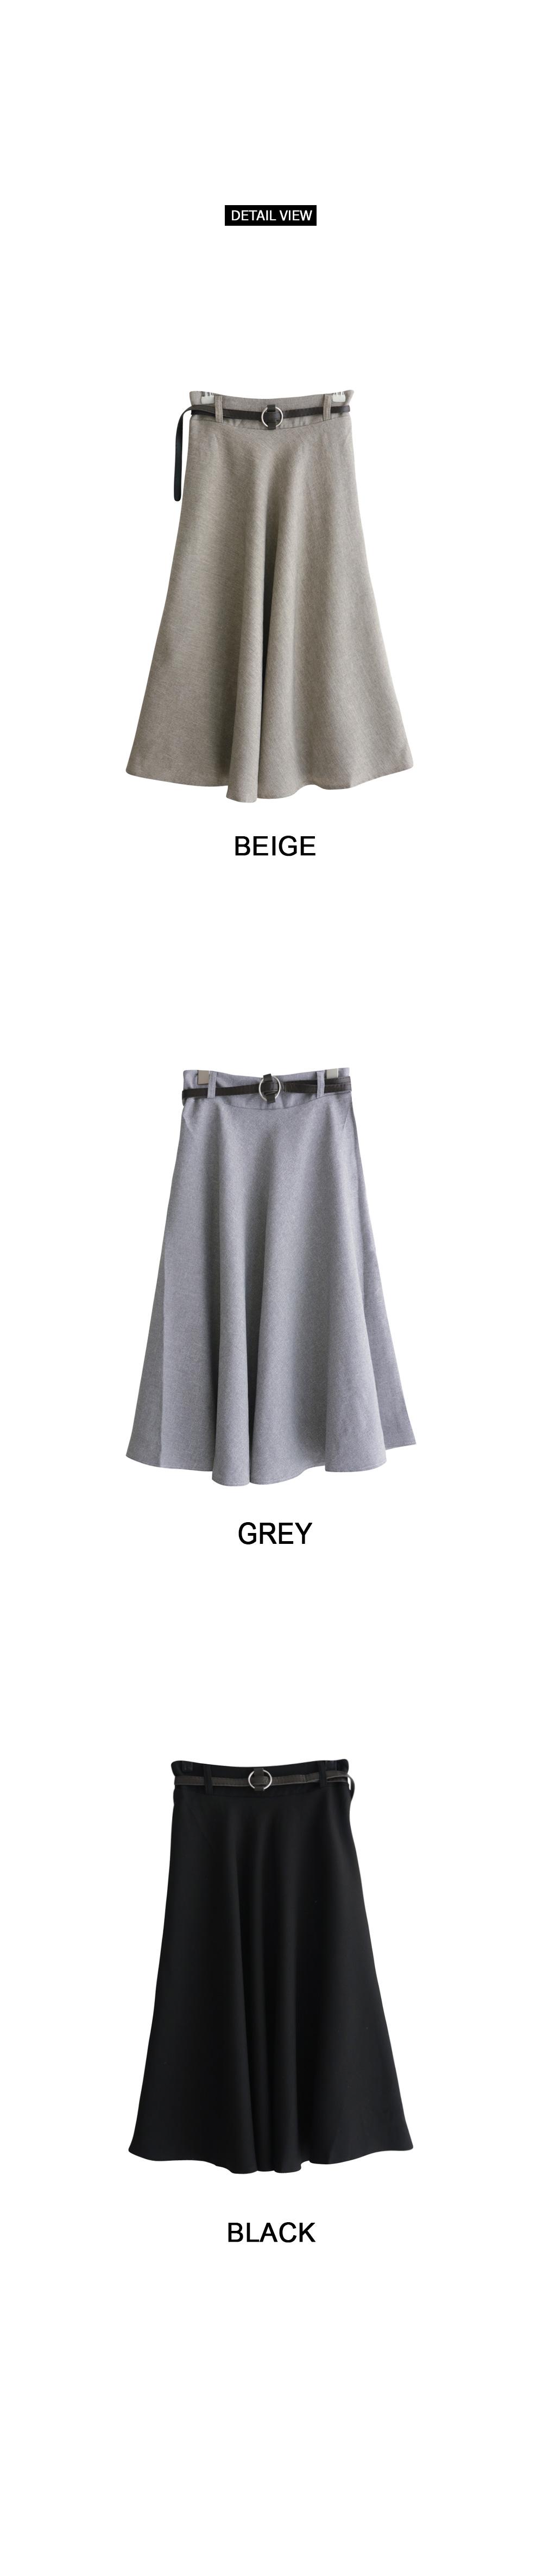 Basic plain long skirt